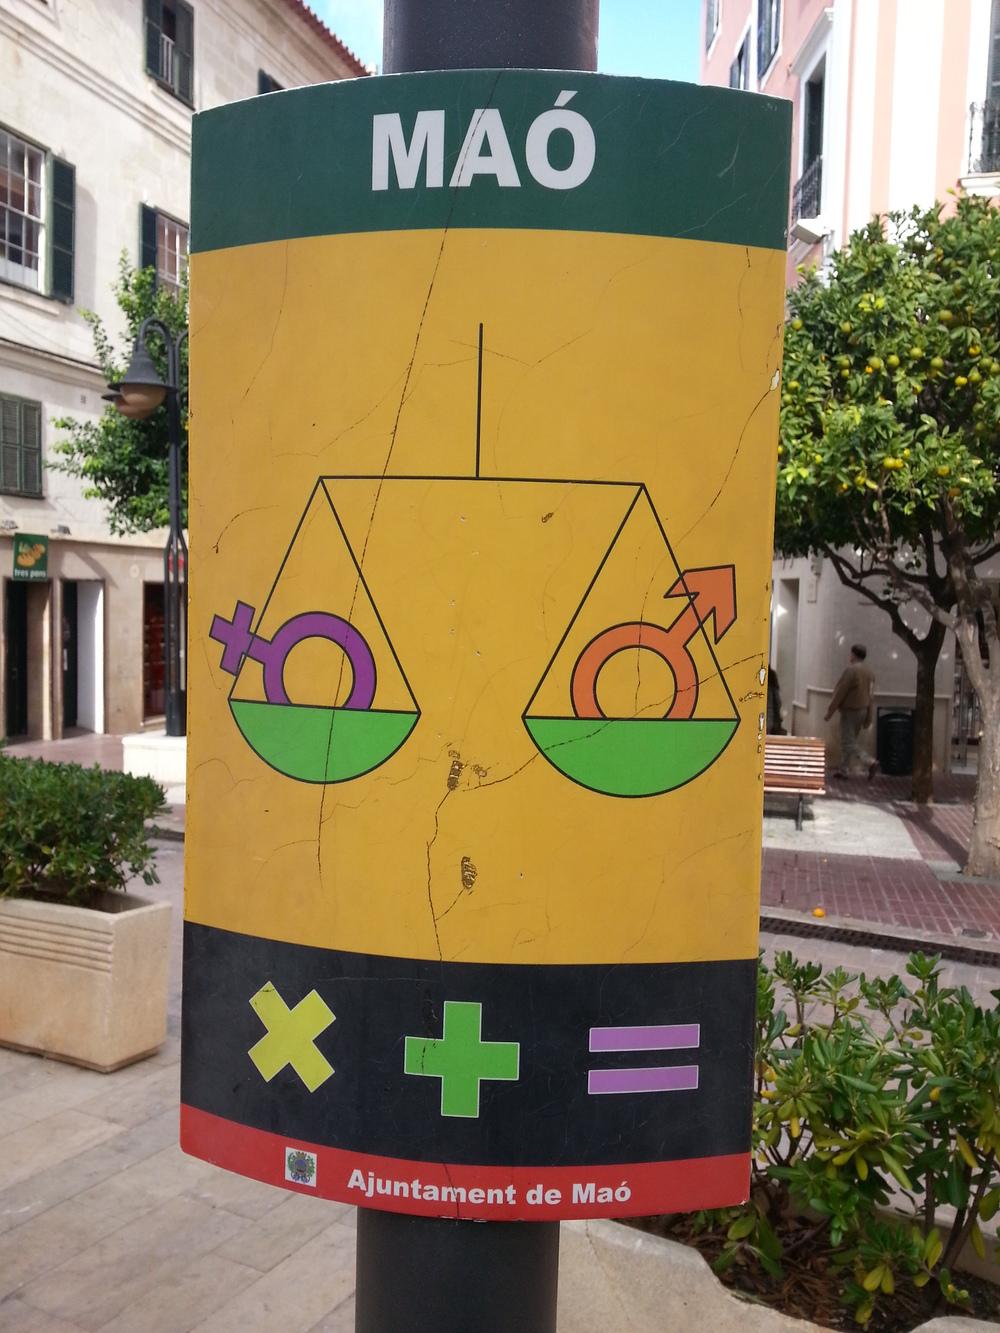 mao signs 2015-11-09 11.04.12.jpg